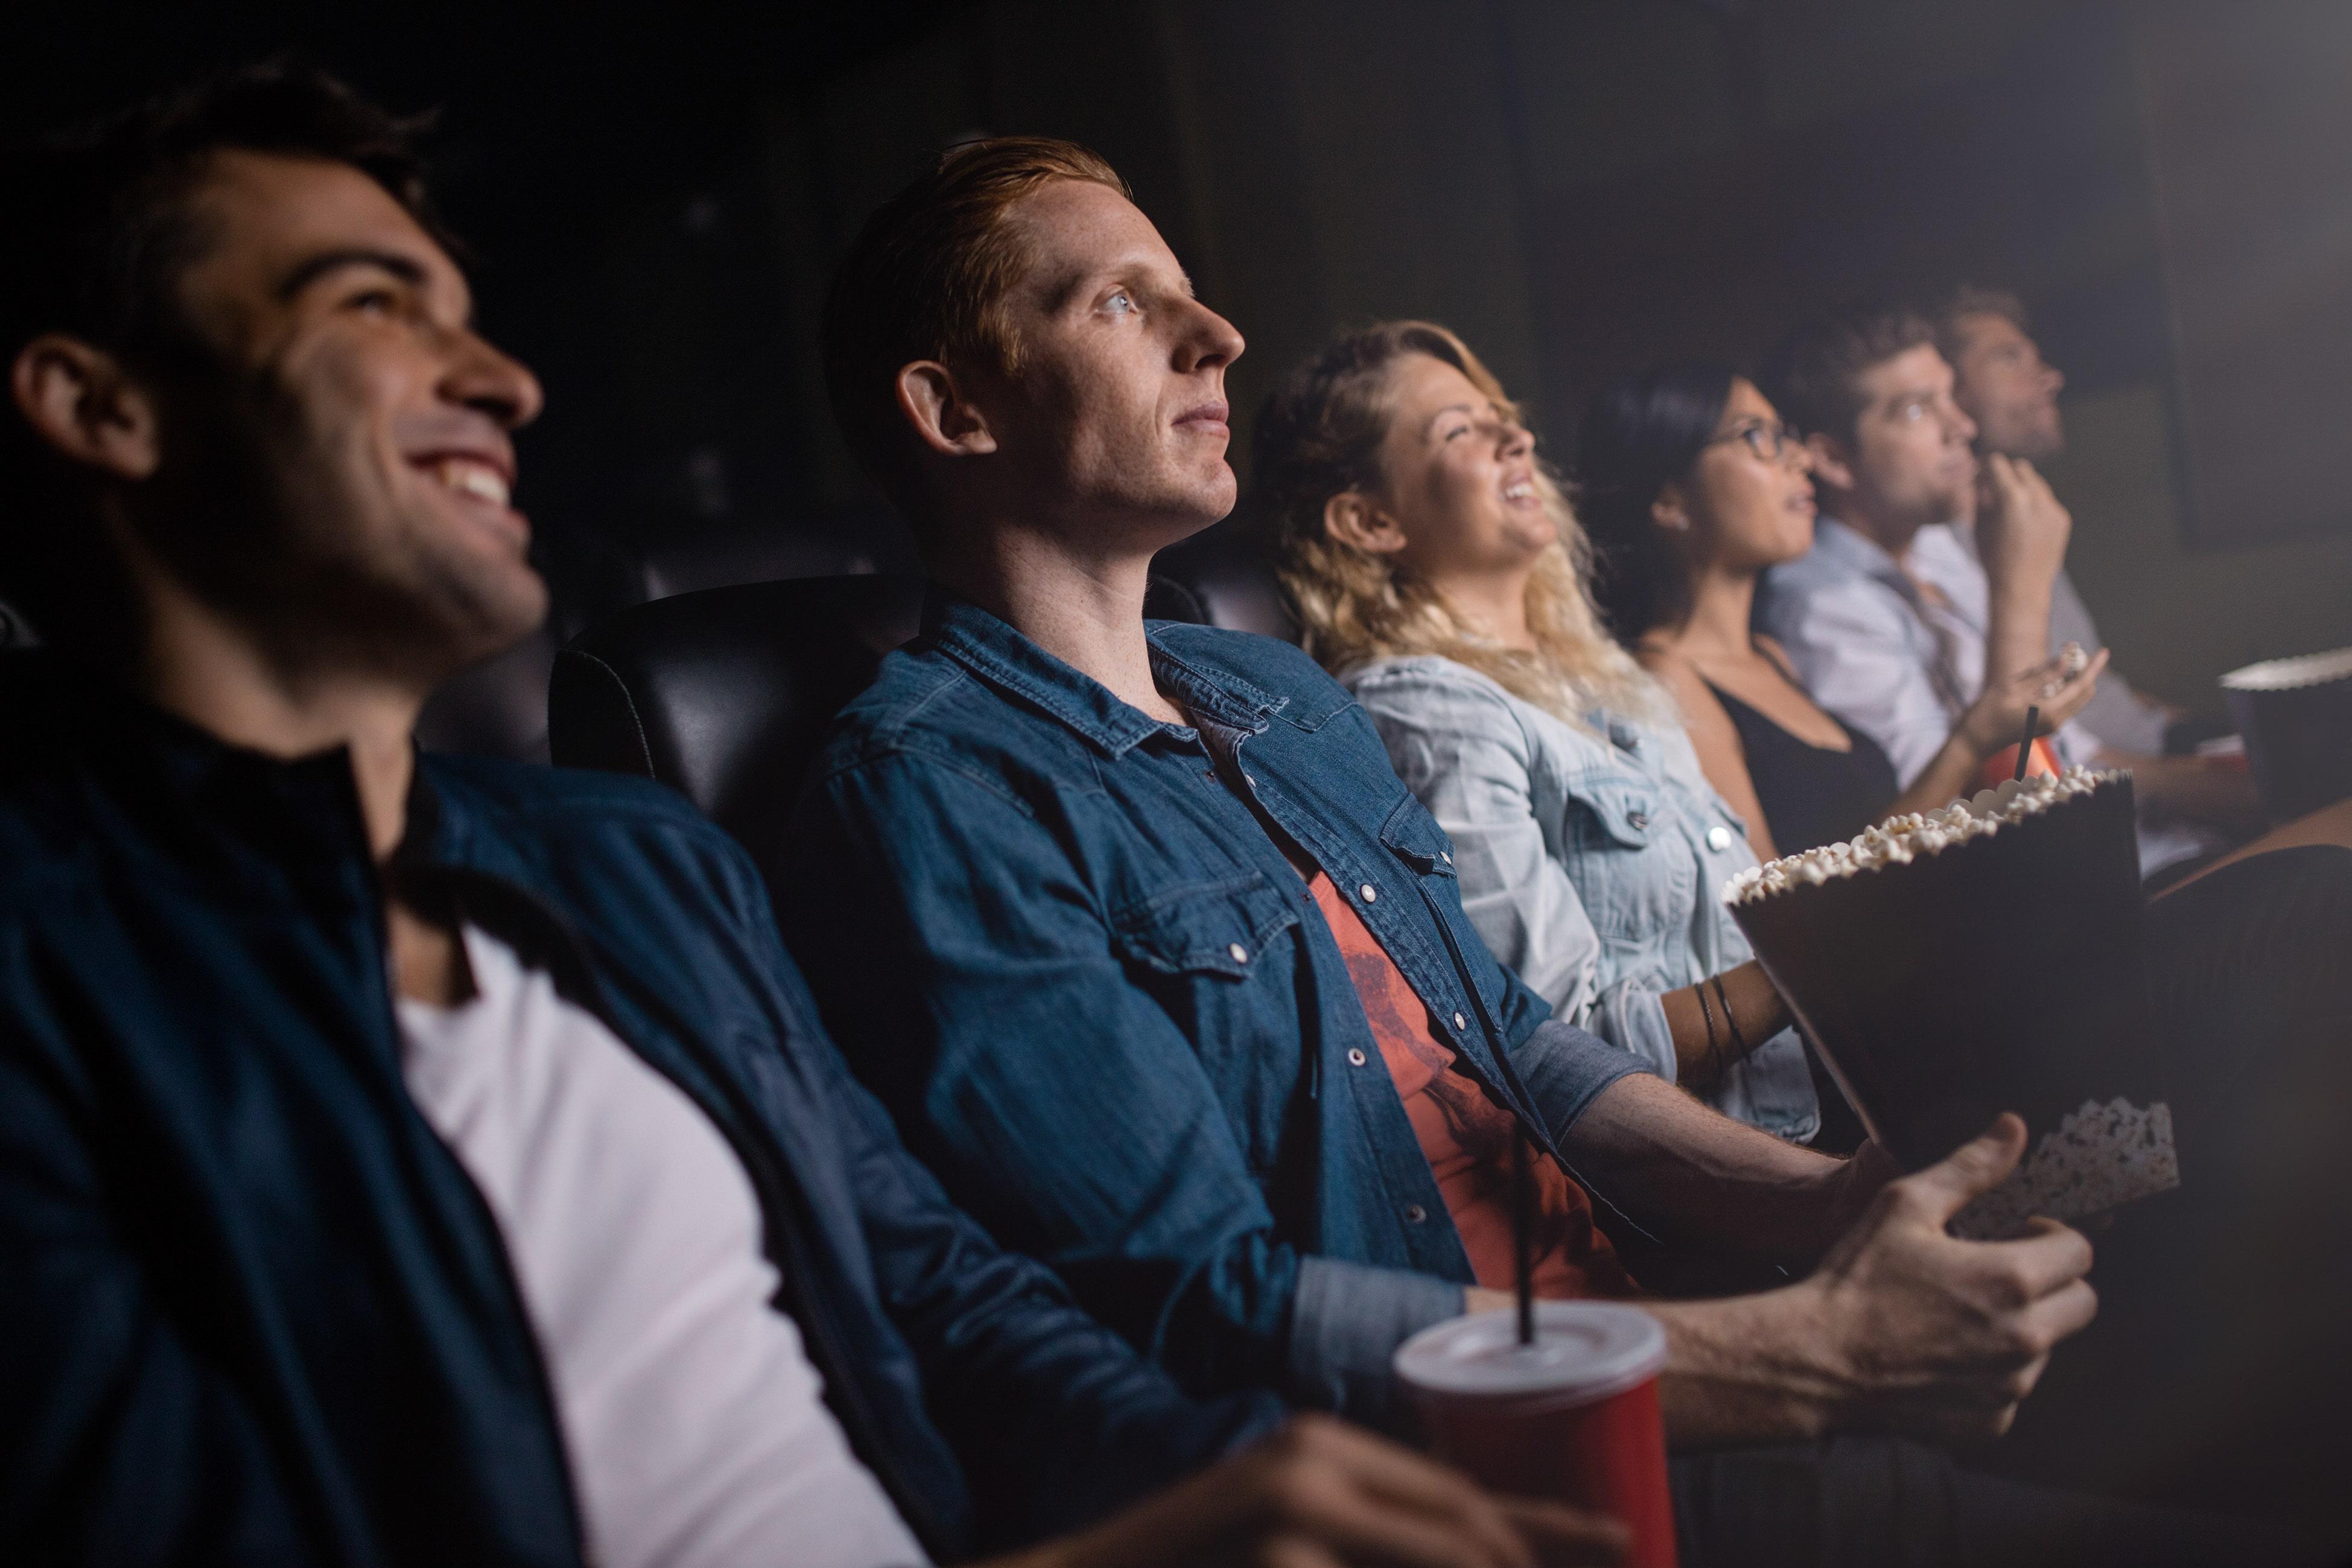 Jovens assistindo um filme no cinema